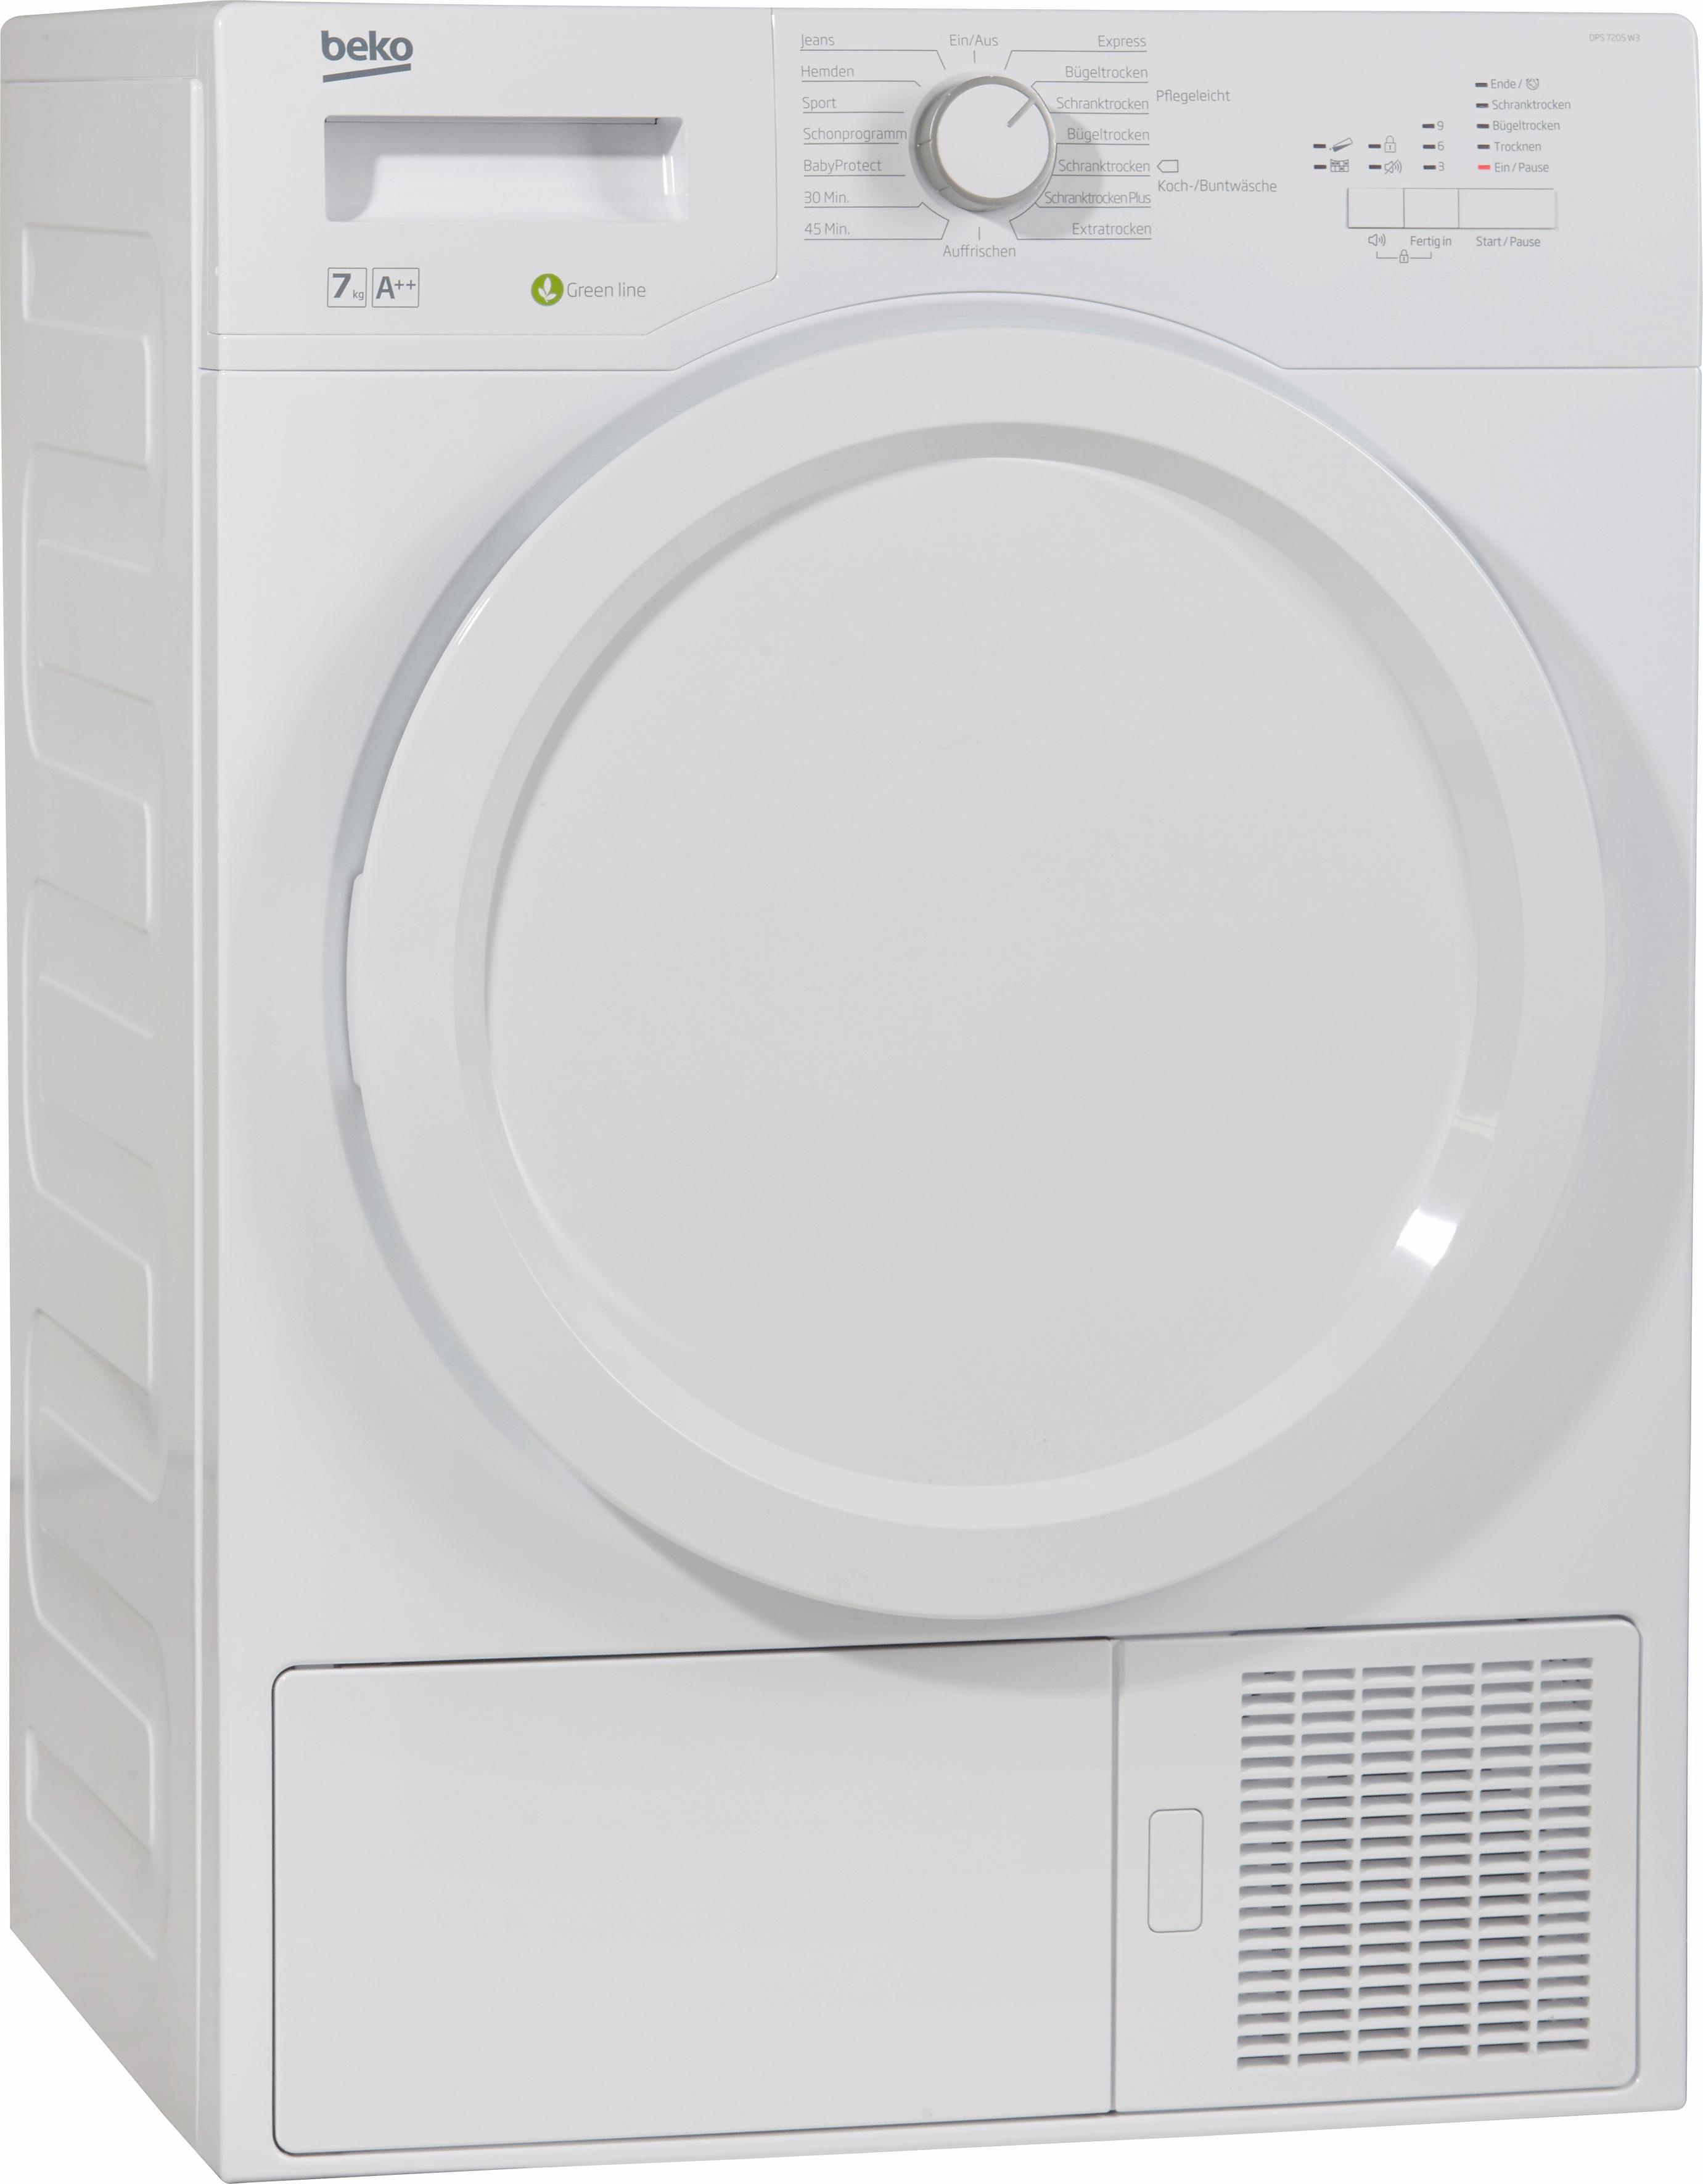 BEKO Trockner DPS 7205 W3, 7 kg